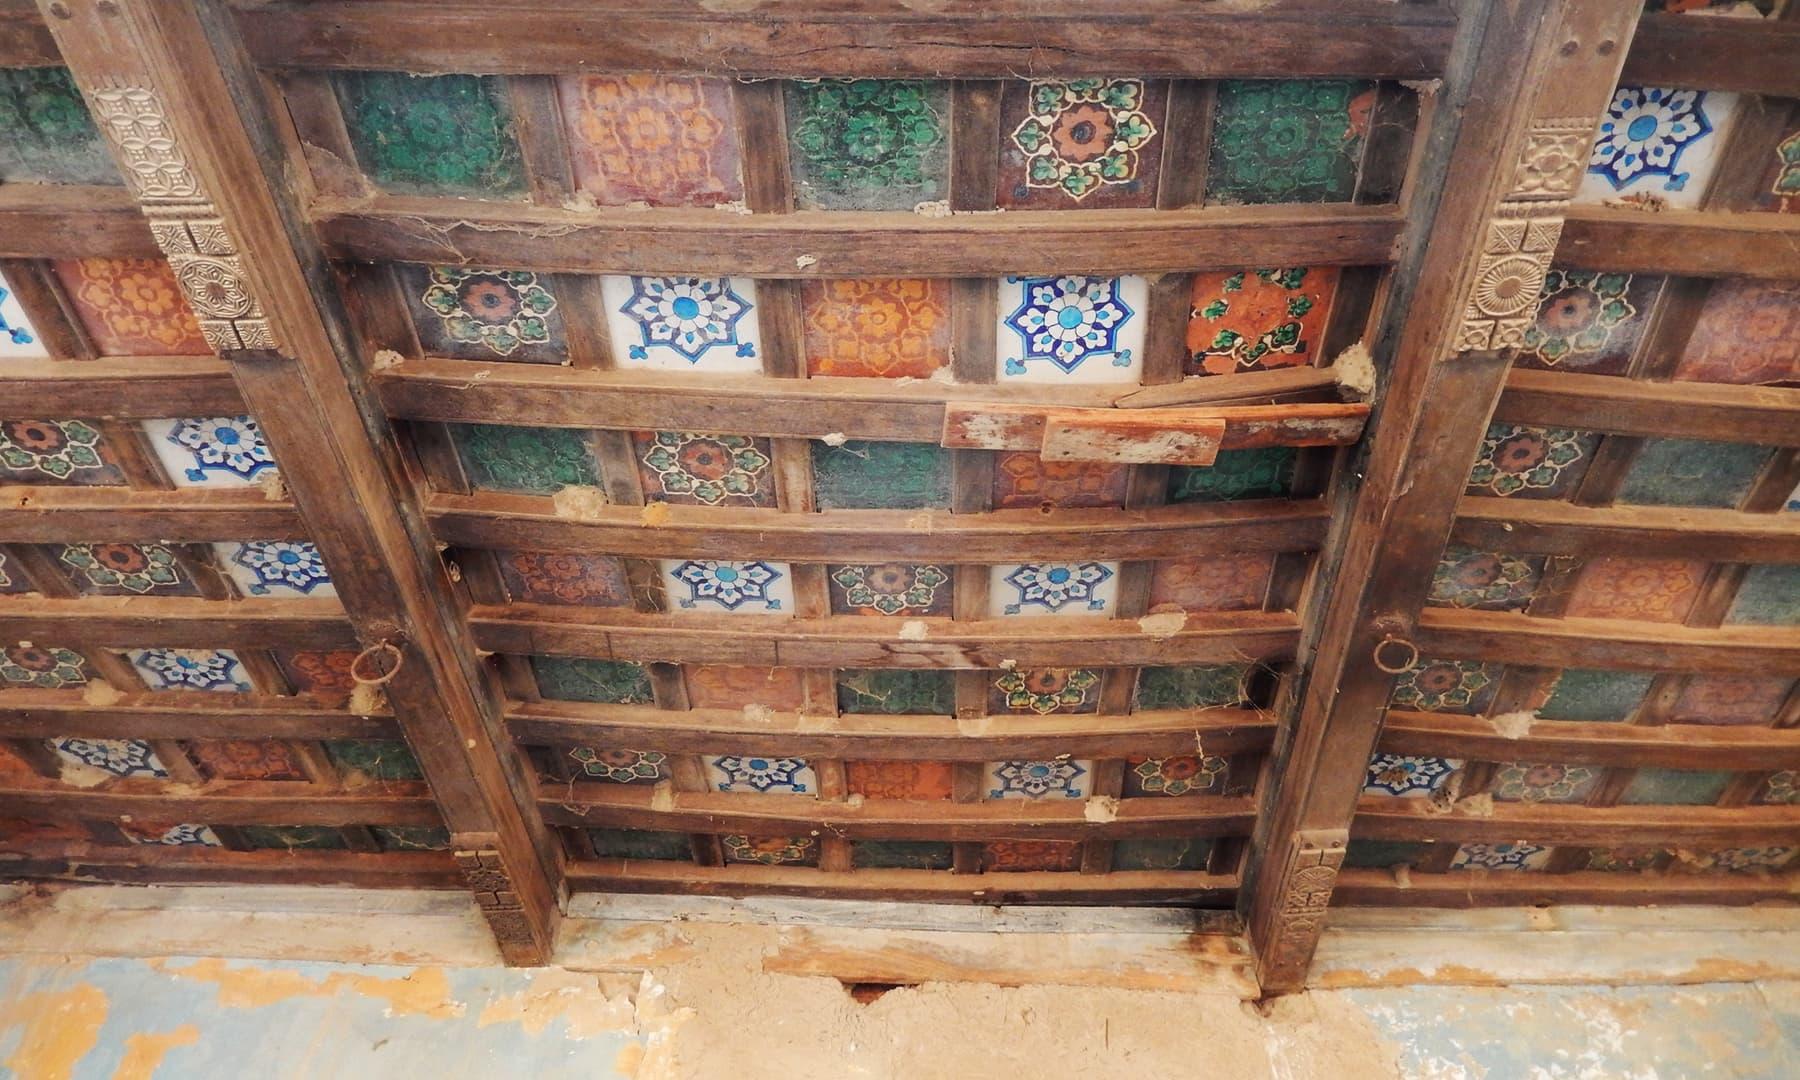 ماضی کی شاندار طرز تعمیر کا اندازہ اس چھت سے لگایا جا سکتا ہے — تصویر ابوبکر شیخ